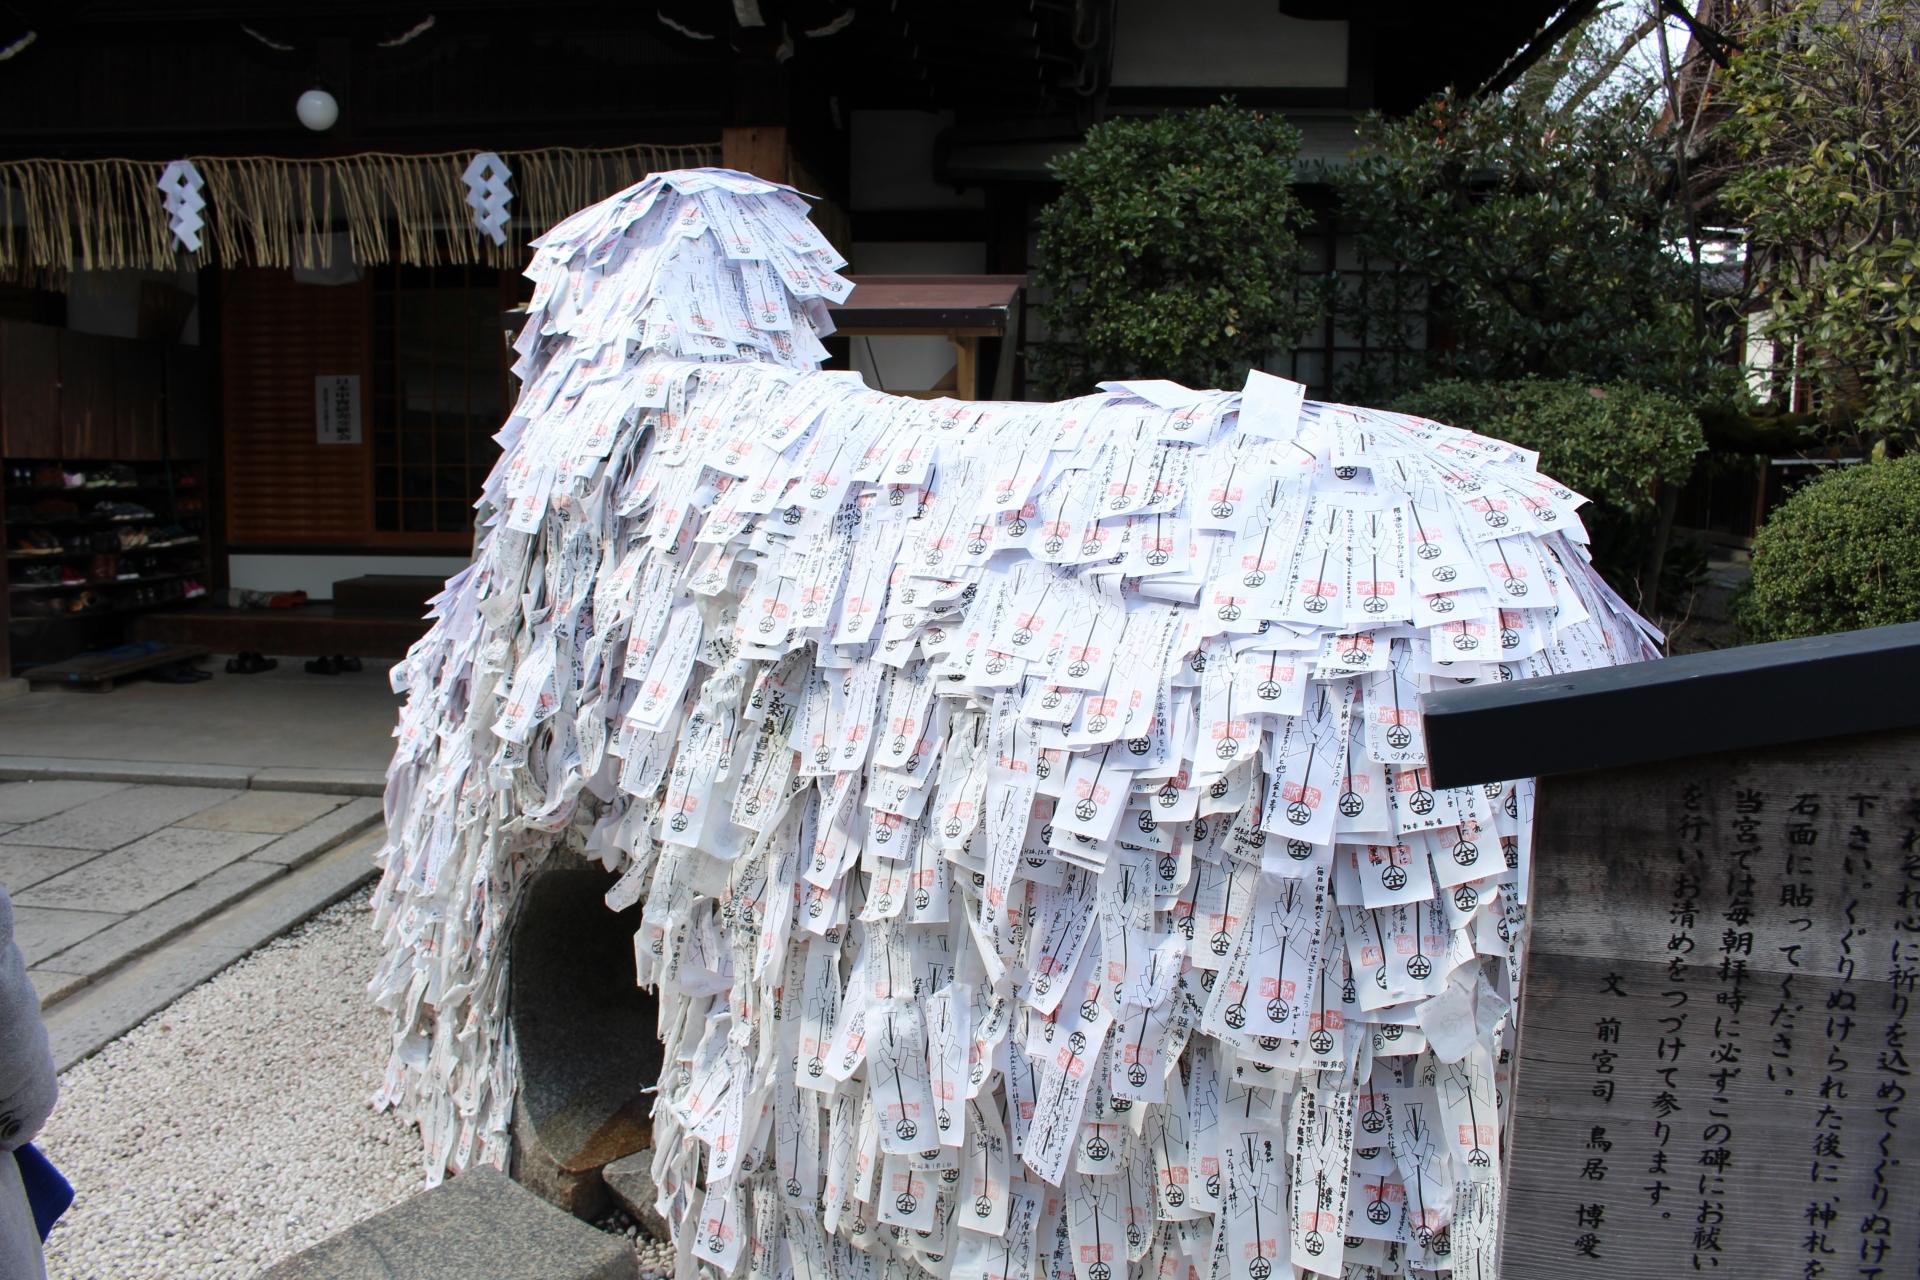 安井金比羅宮が怖すぎてヤバい?京都の最強縁切り神社にまつわる噂を解説!